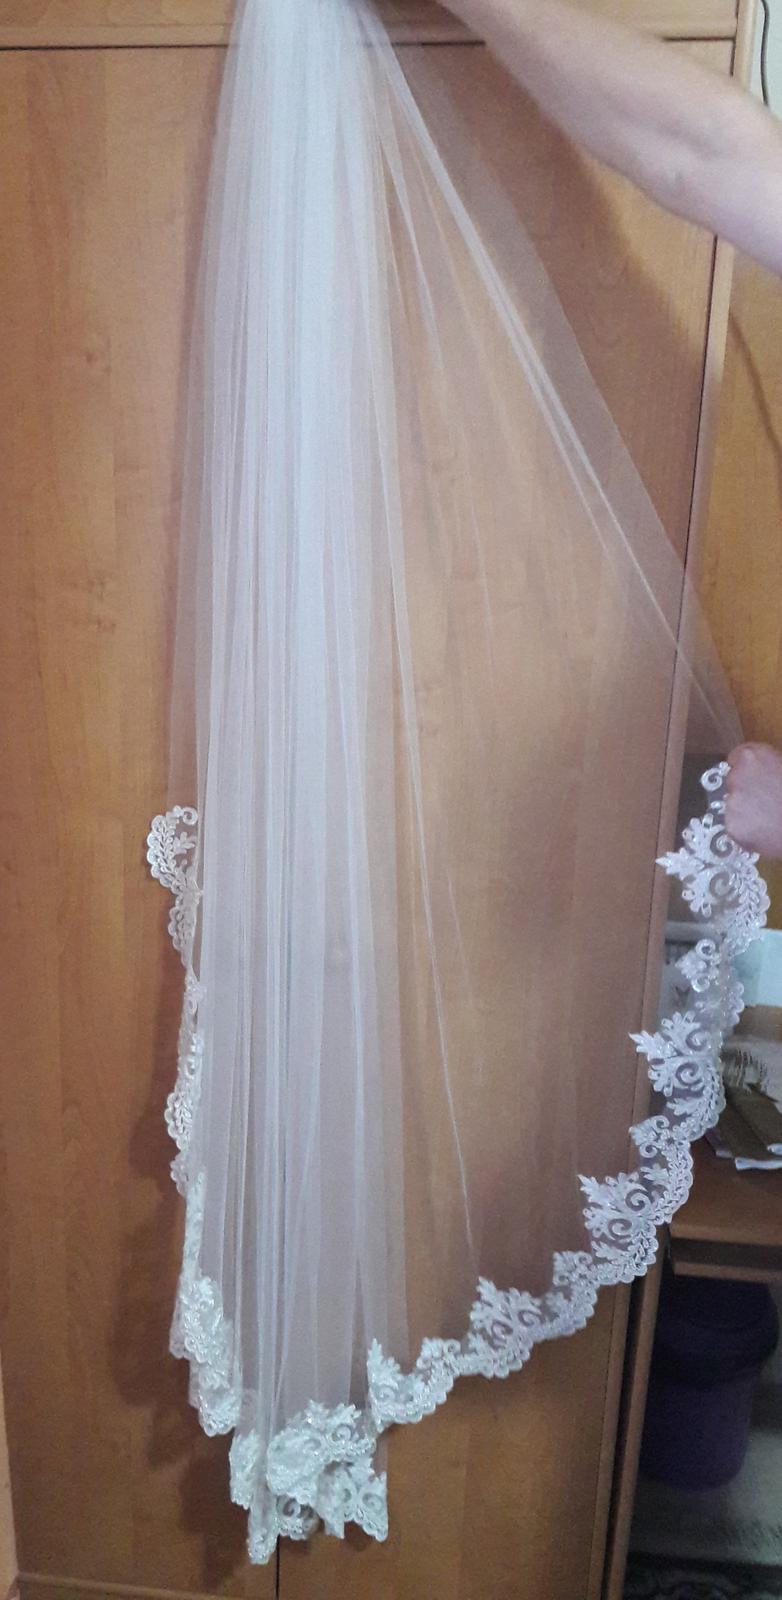 Svadobný závoj- Ivory, španielská čipka - Obrázok č. 2